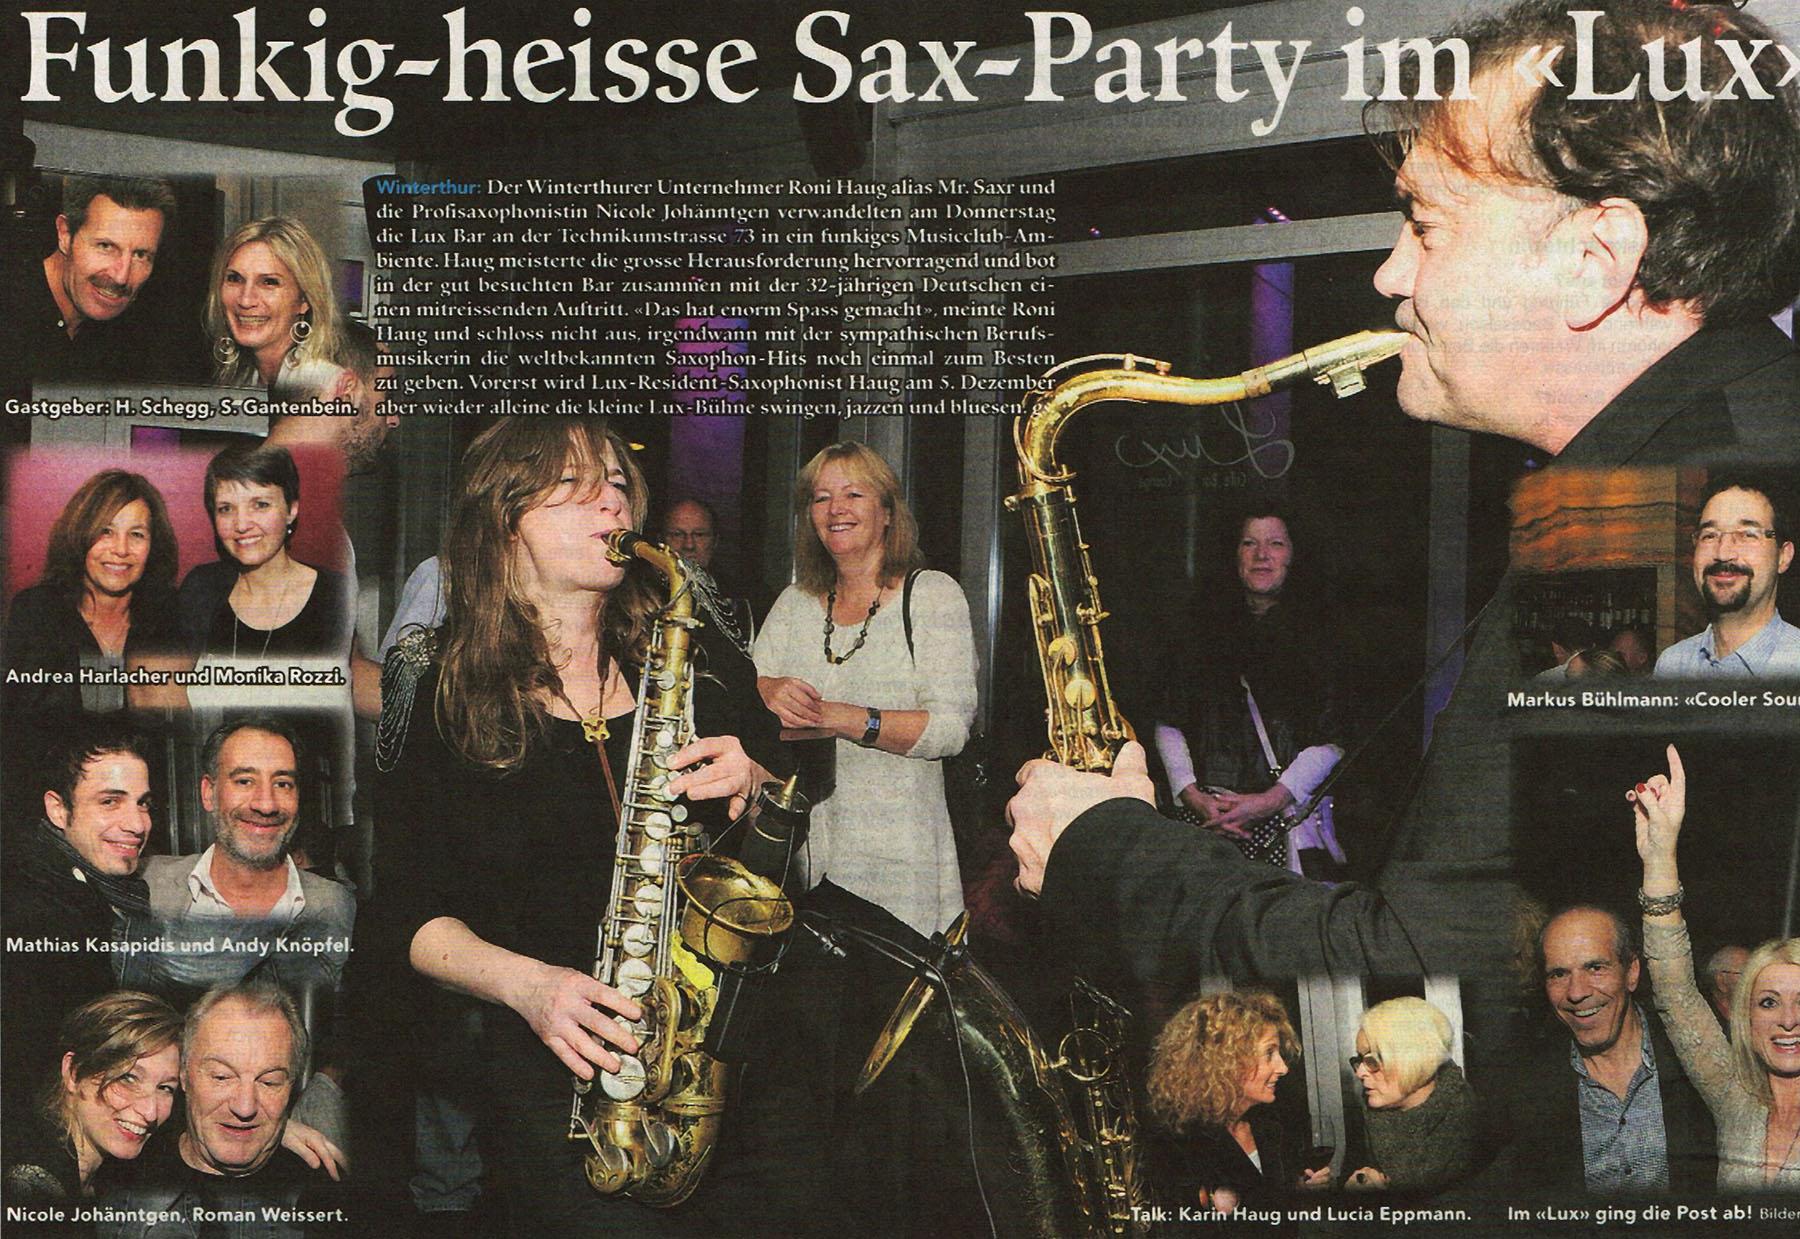 Stadtanzeiger Winterthur Saxophonist in Winterthur gesucht Funkig heisse Saxofon Party im Lux Winterthur